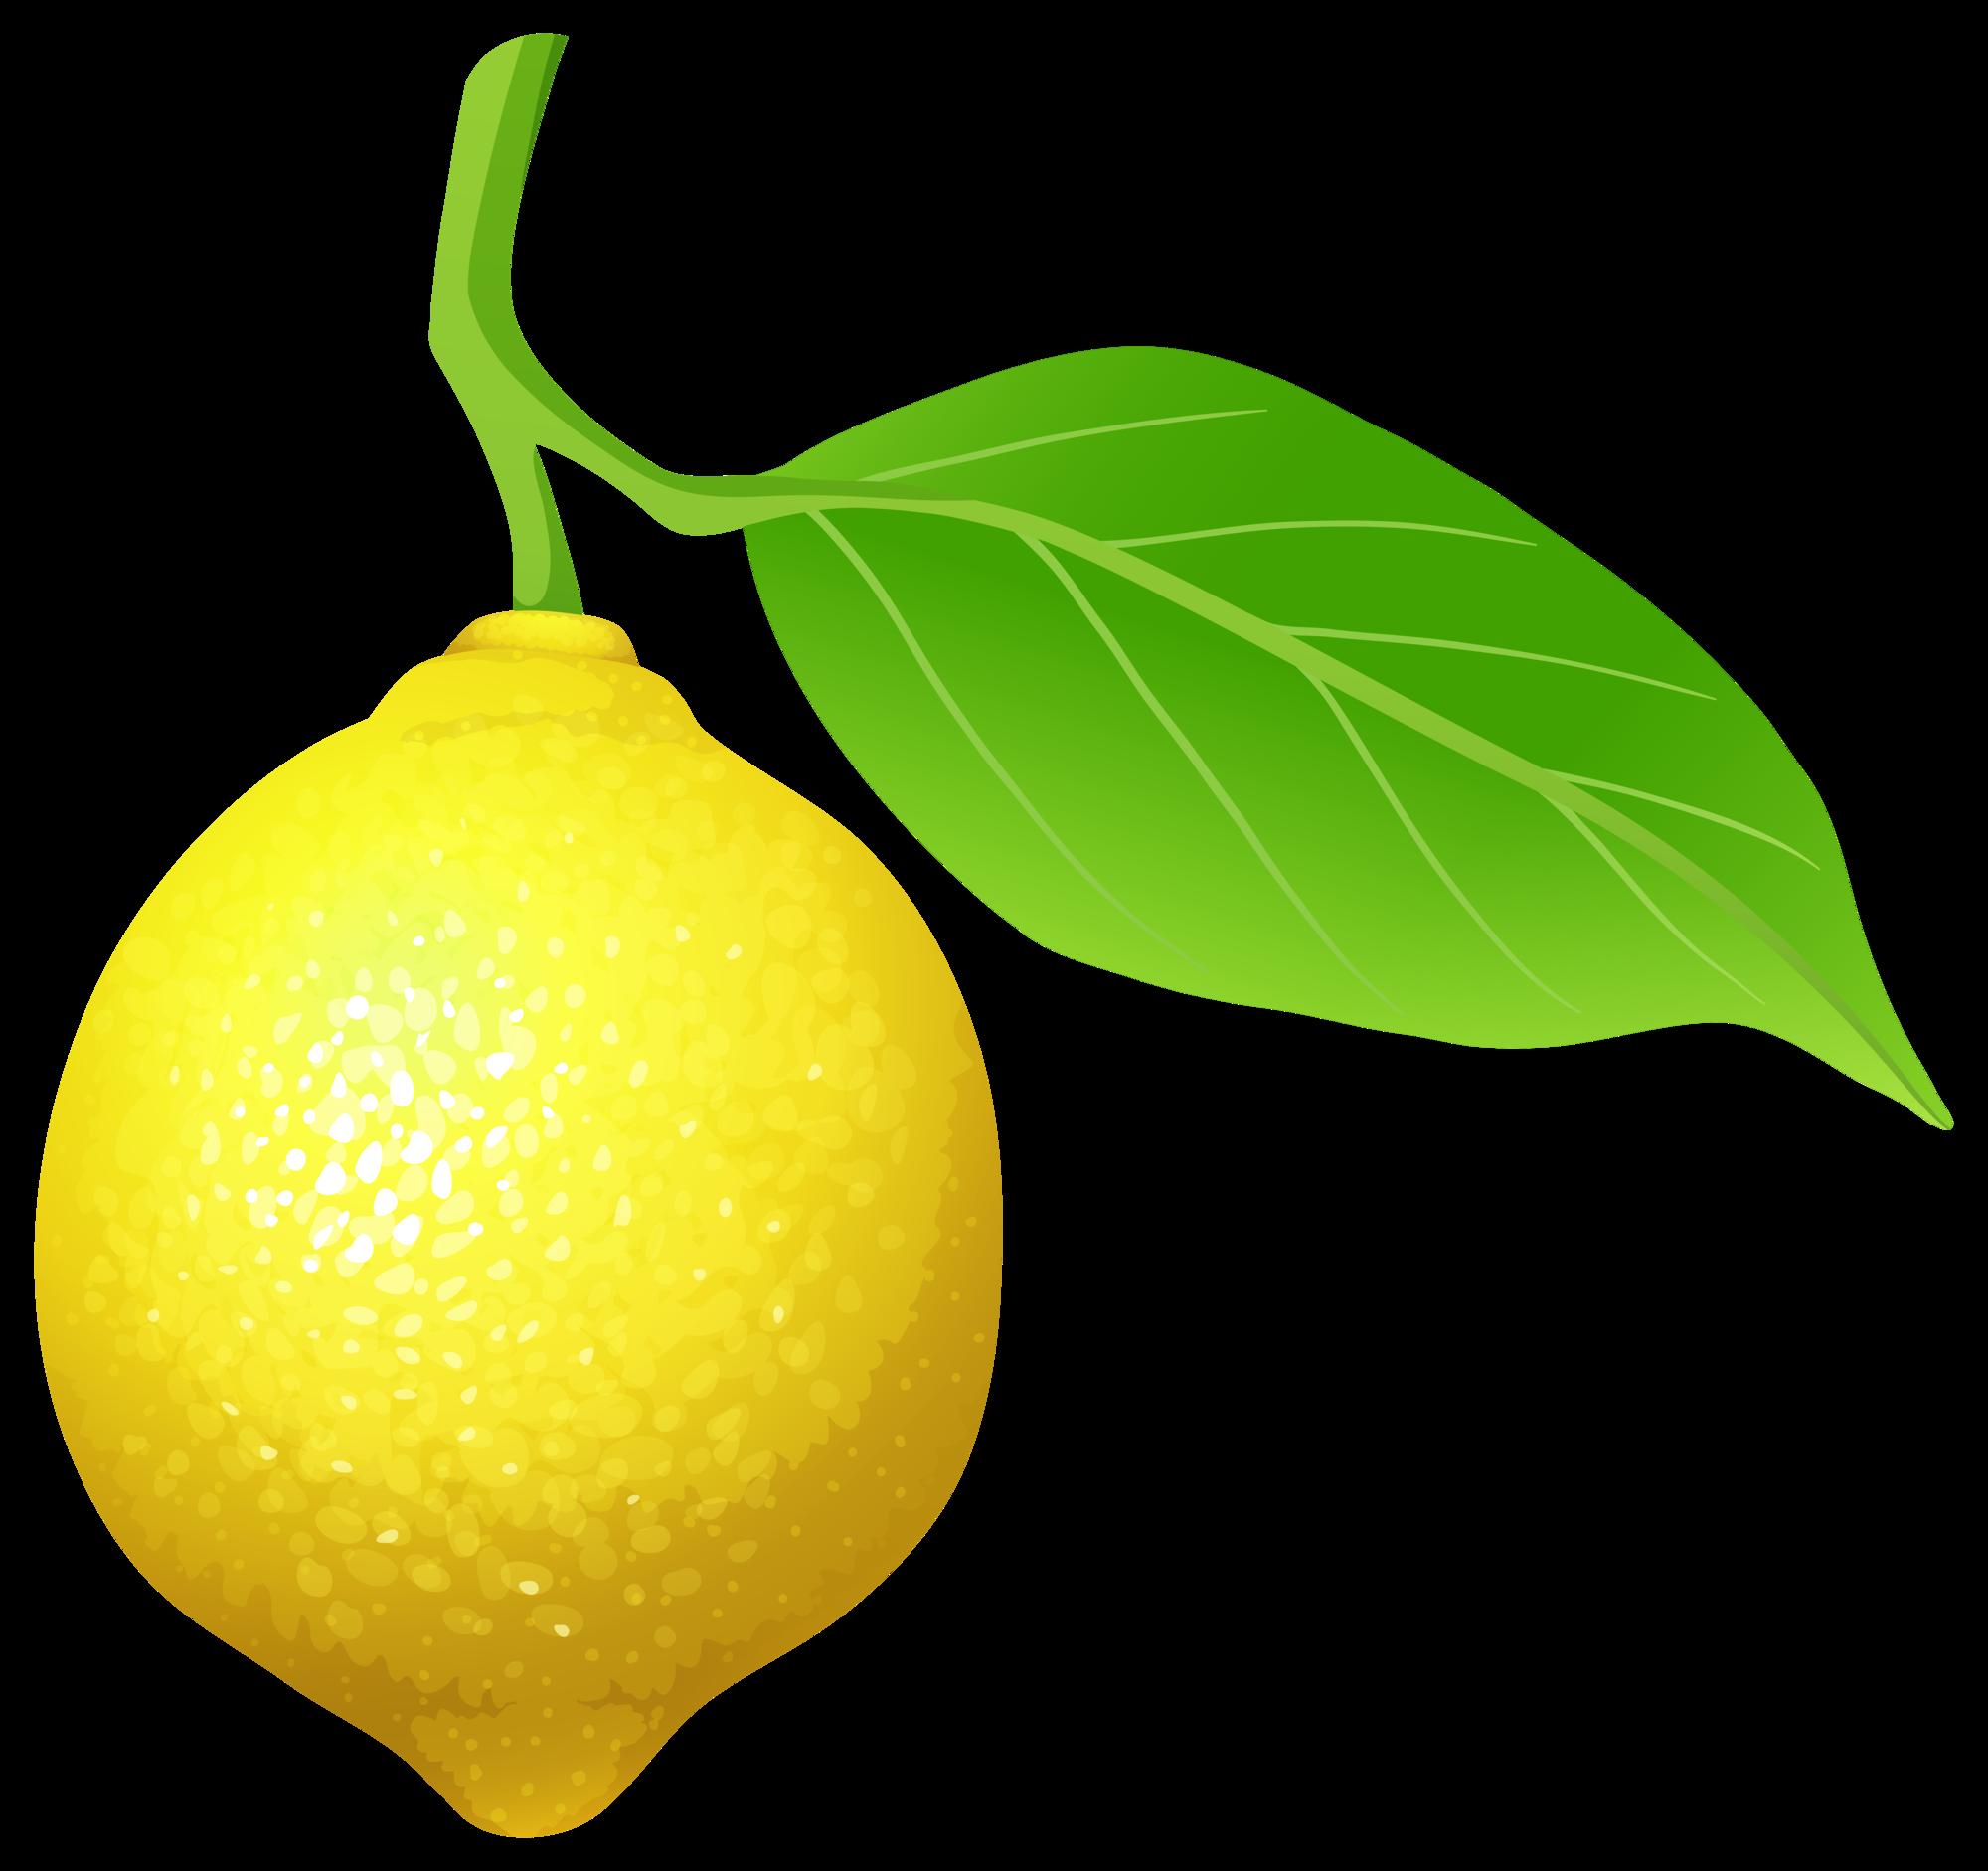 Lemon png clip art. Pear clipart artistic